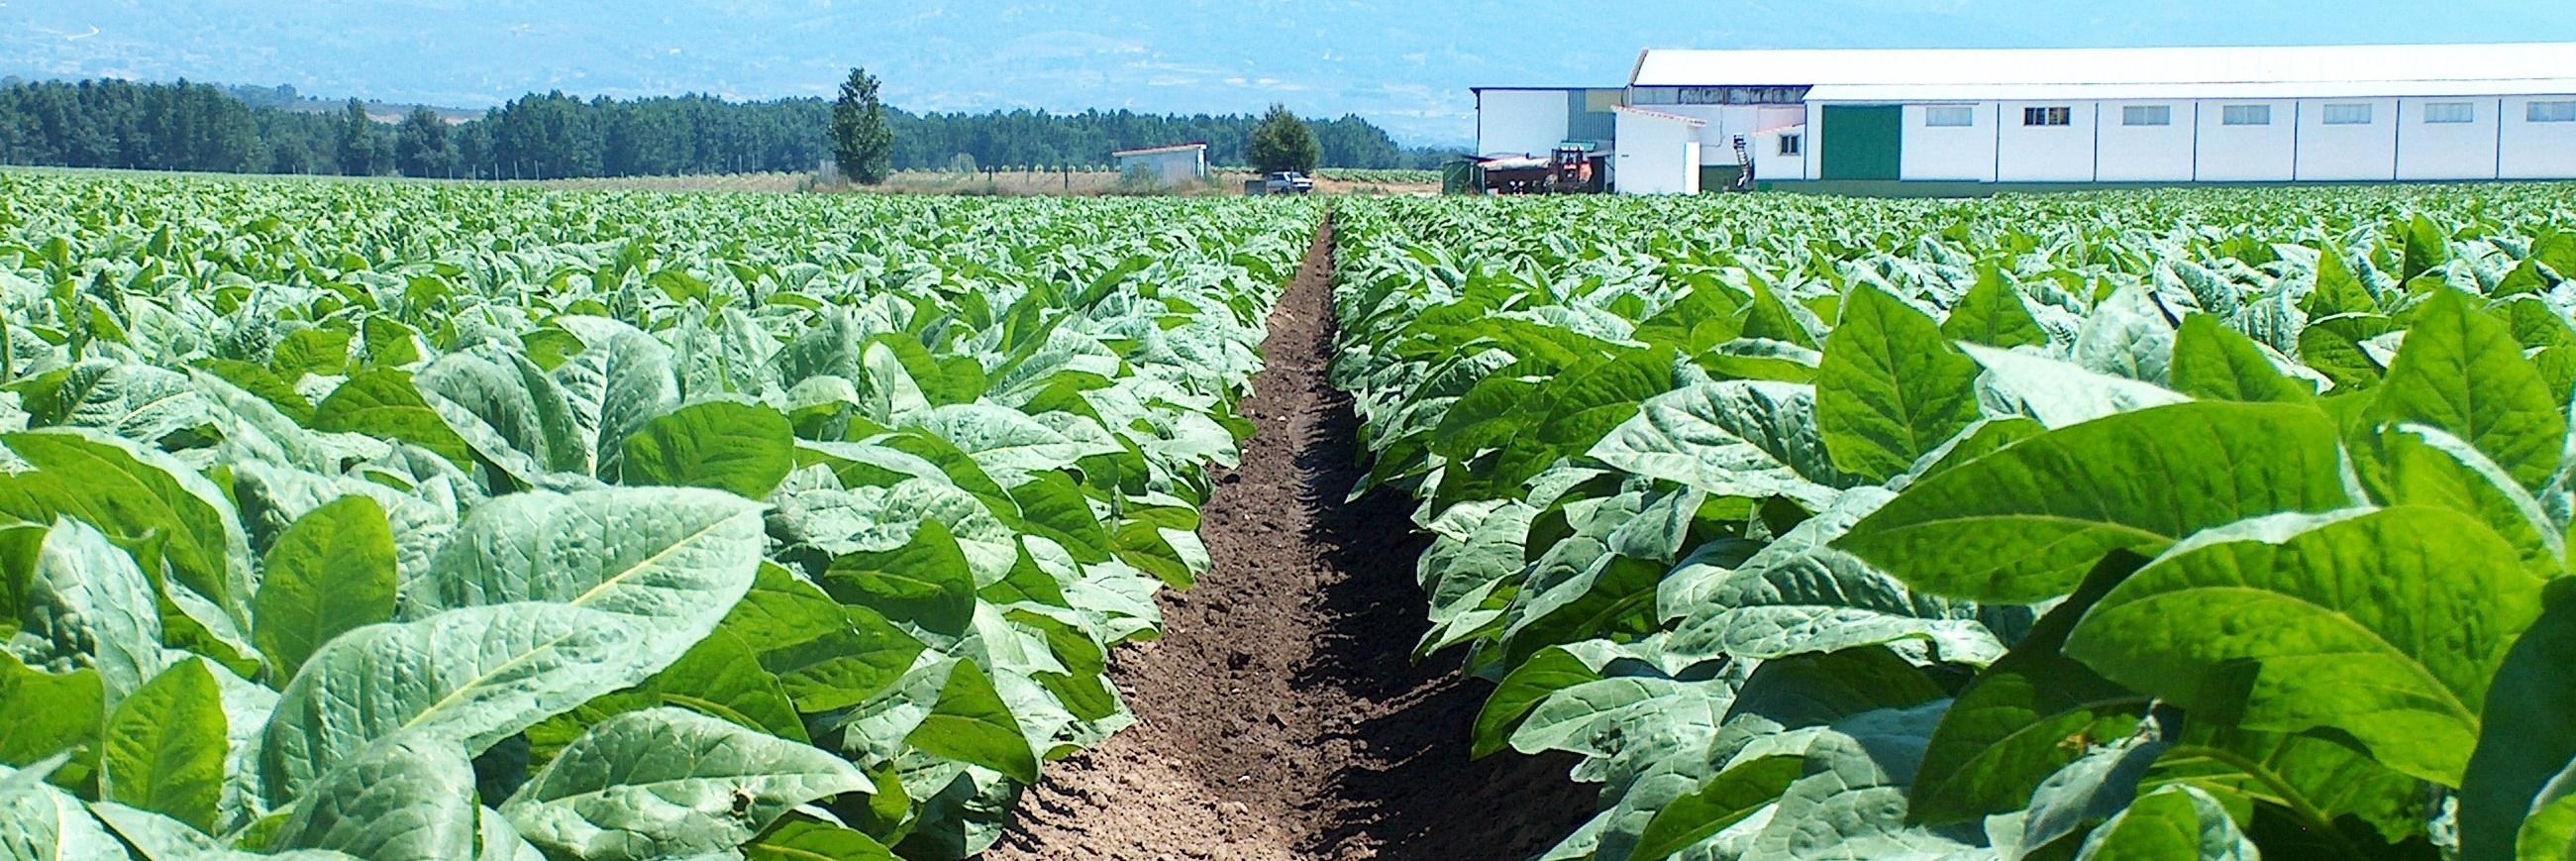 Campo de cultivo de tabaco y fábrica